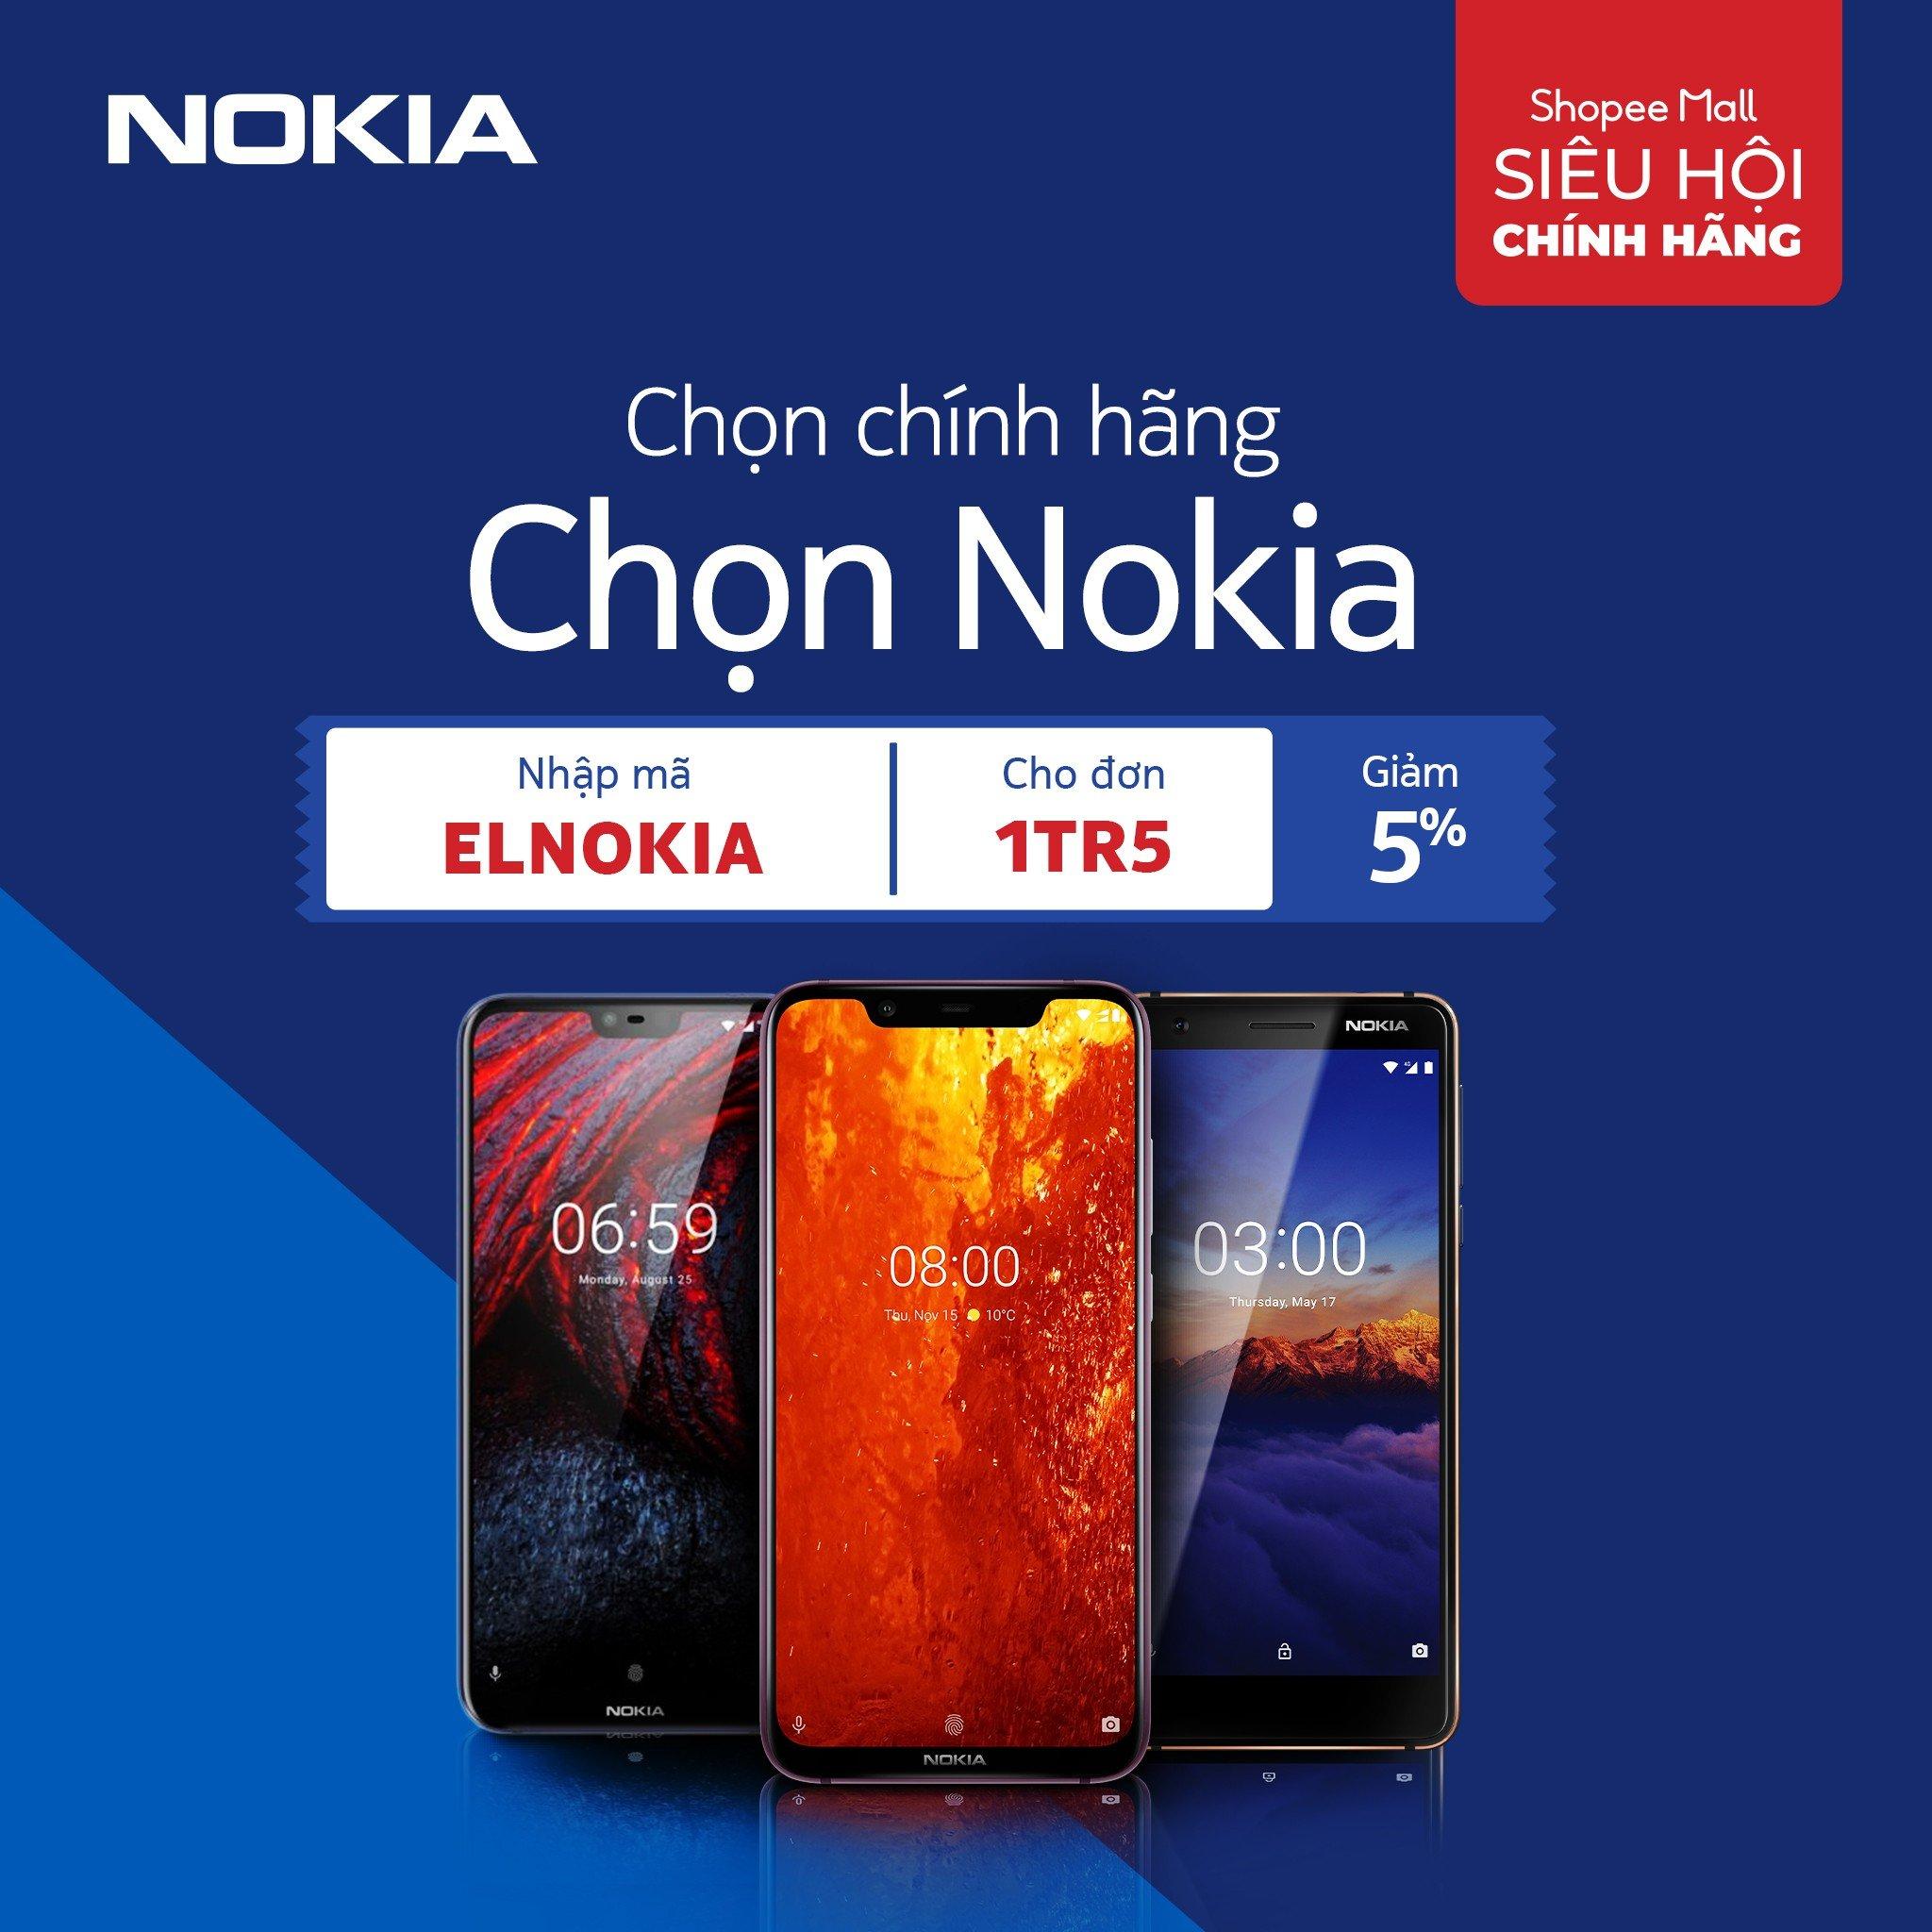 """HMD Global mang đến chương trình """"Chọn chính hãng chọn Nokia"""" trong siêu hội chính hãng của Shopee"""